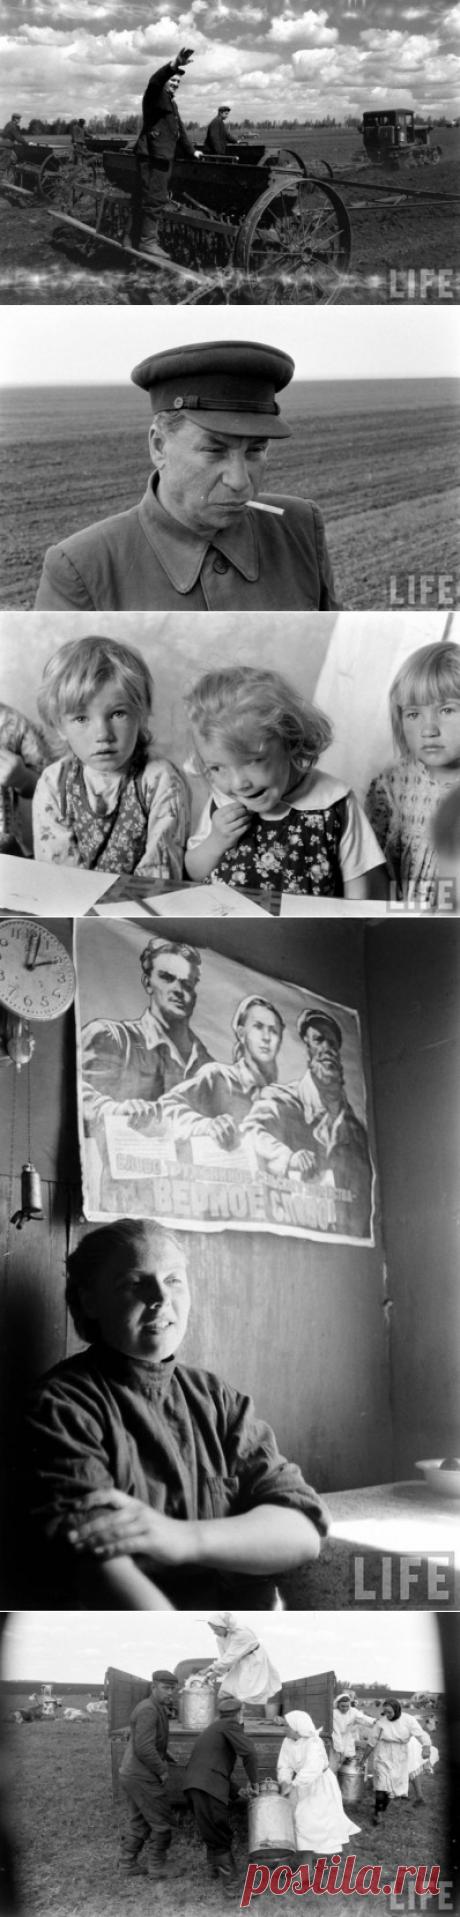 Экономическое чудо СССР глазами американца. Летом 1958 года корреспондент журнала LIFE Говард Дж. Сочурек посетил СССР. Его целью было запечатлеть экономическое чудо Советского Союза — поднятие целины. Новые поселки с полной инфраструктурой в местах где еще несколько лет назад была только степь.